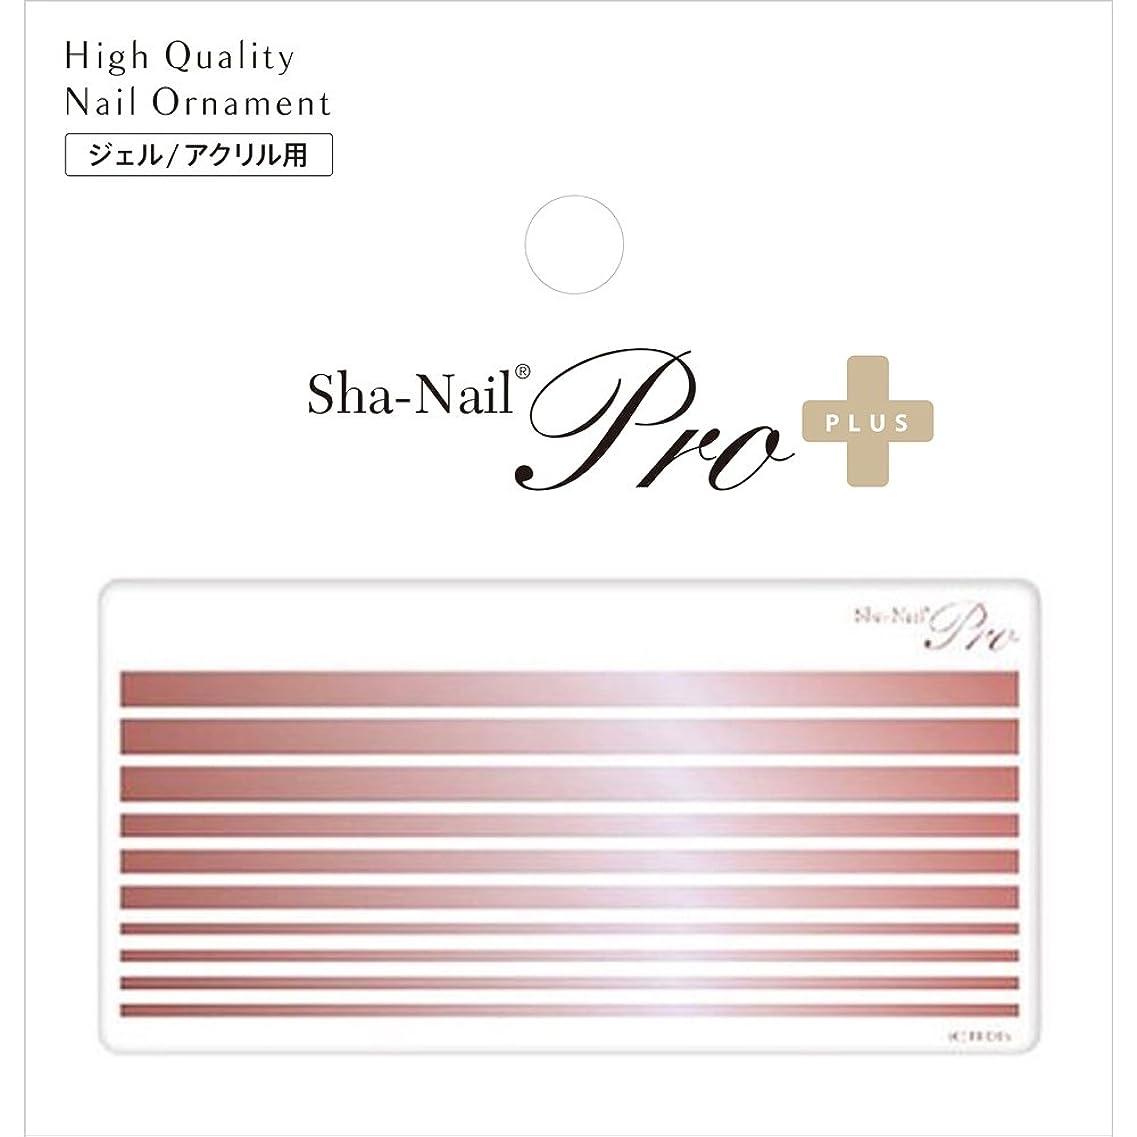 有効化アプローチ虫を数えるSha-Nail PLUS ボールドライン ピンクゴールド ネイルシール